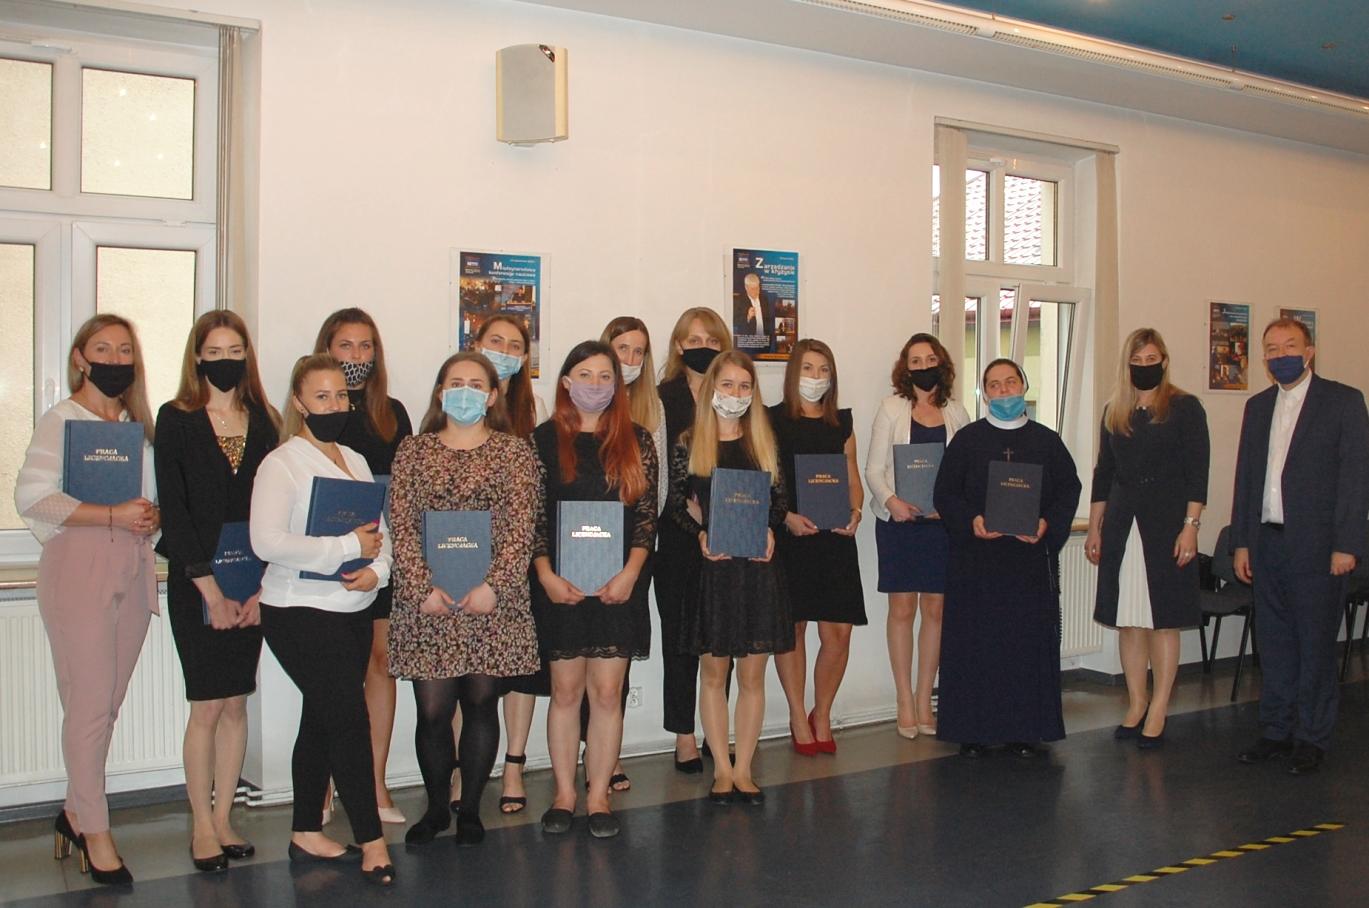 Egzaminy dyplomowe - zdjęcie grupowe